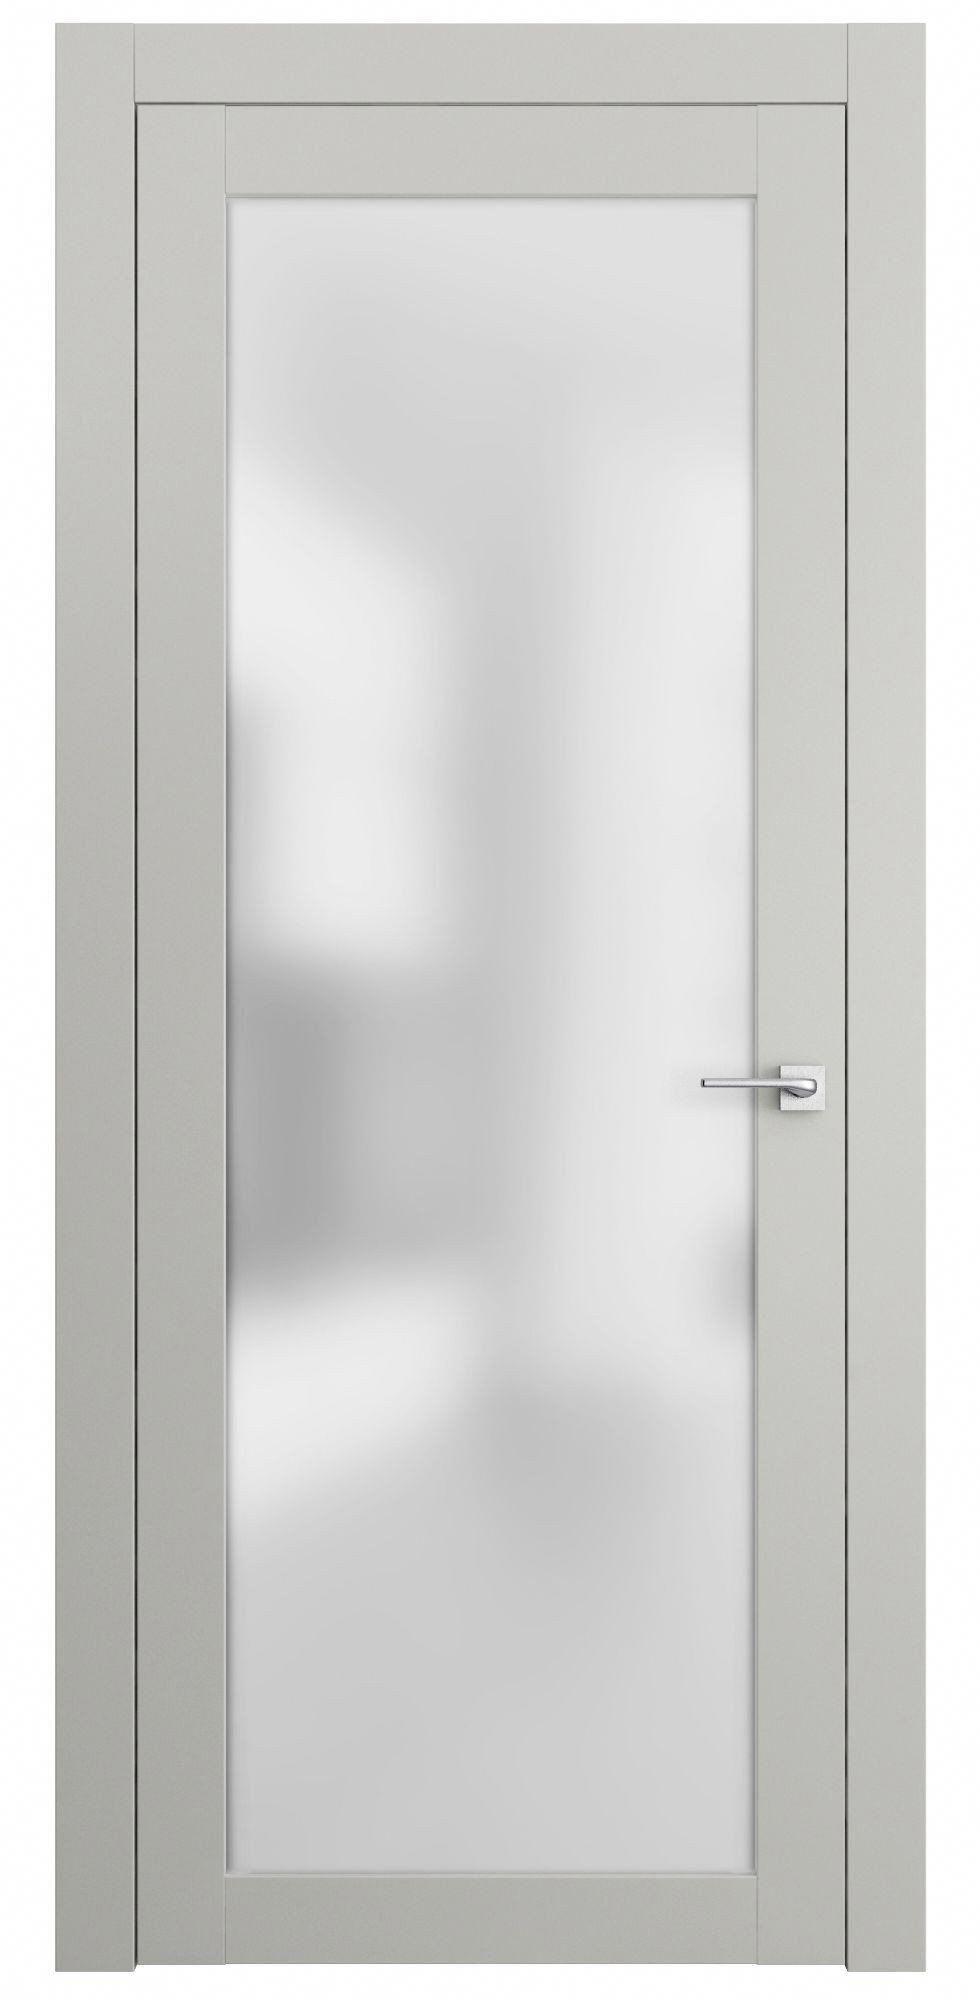 Natural Veneered Wooden Flush Door Design Mdf Living Room: Sarto Planum 2102 Interior Door Matte Gray